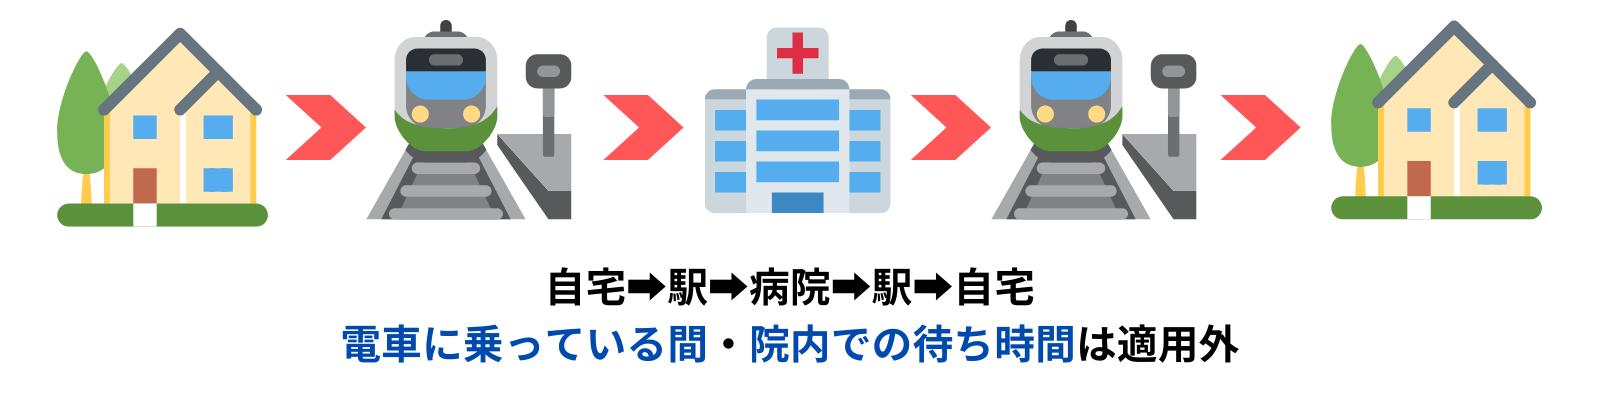 介護保険が適応されない中抜き部分を示すイラスト